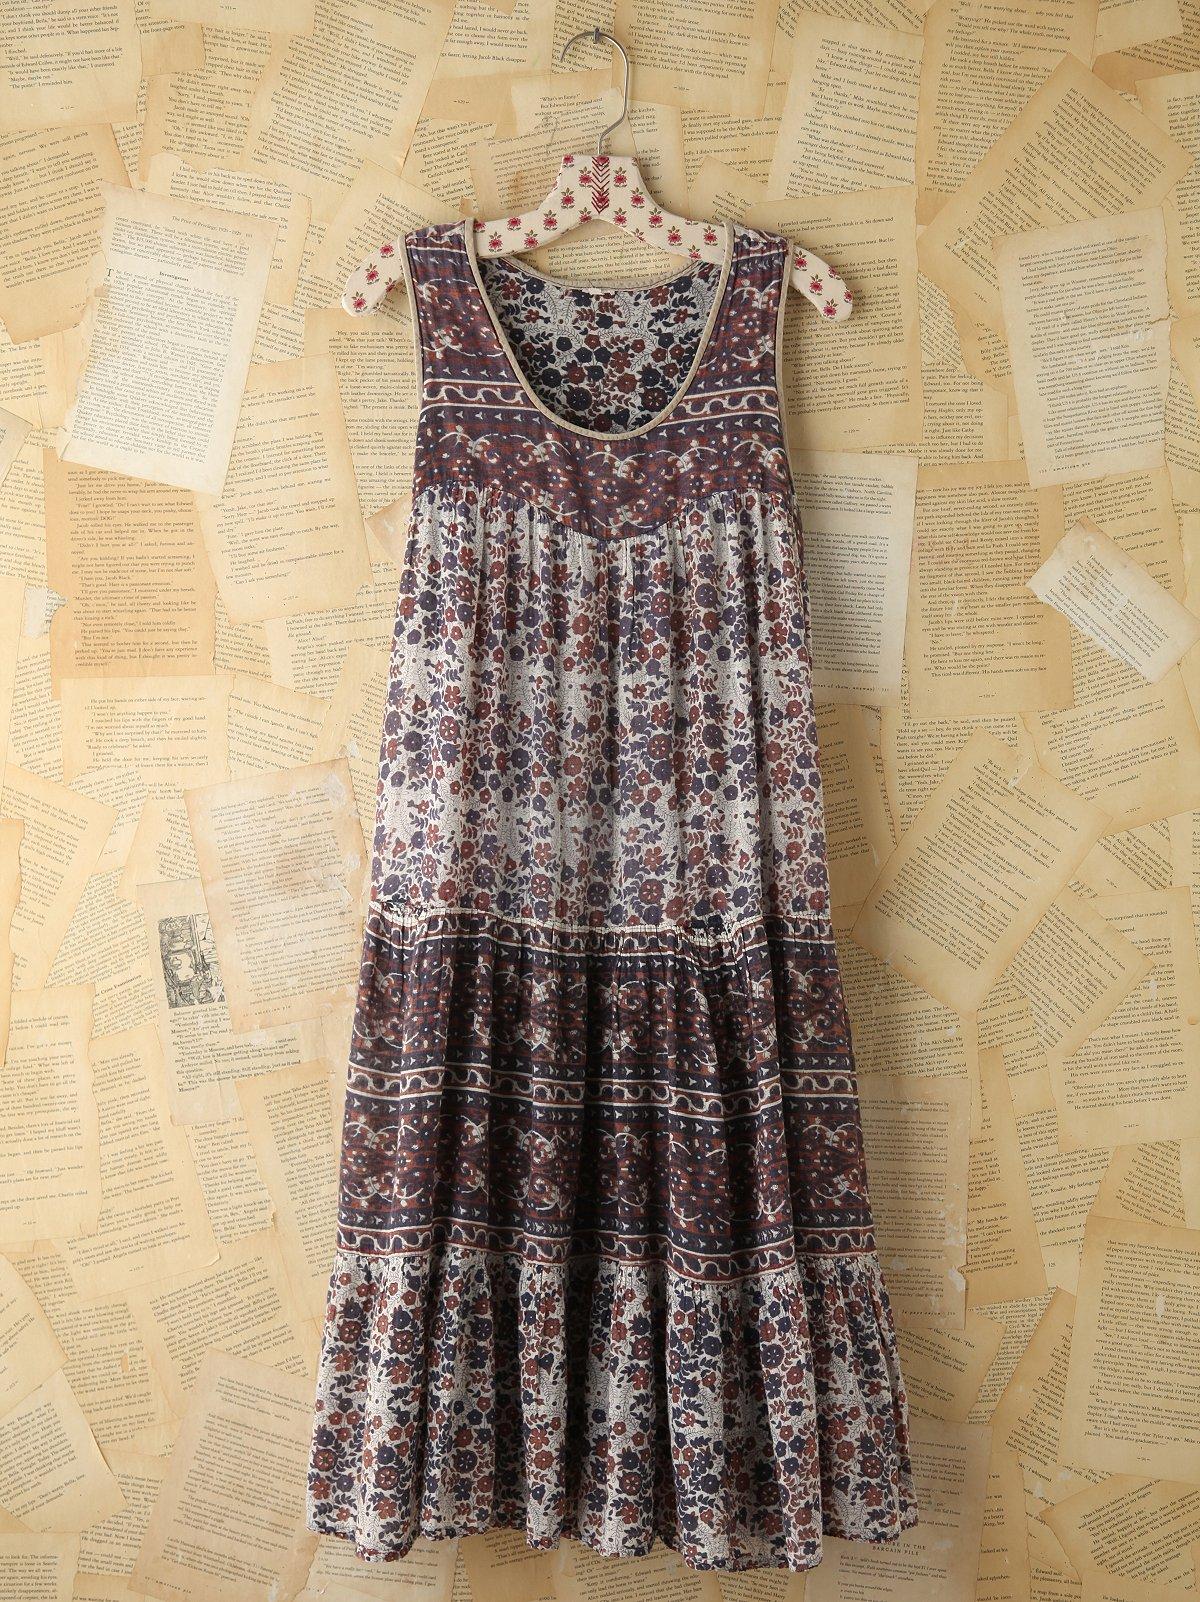 Vintage Floral Indian Print Dress